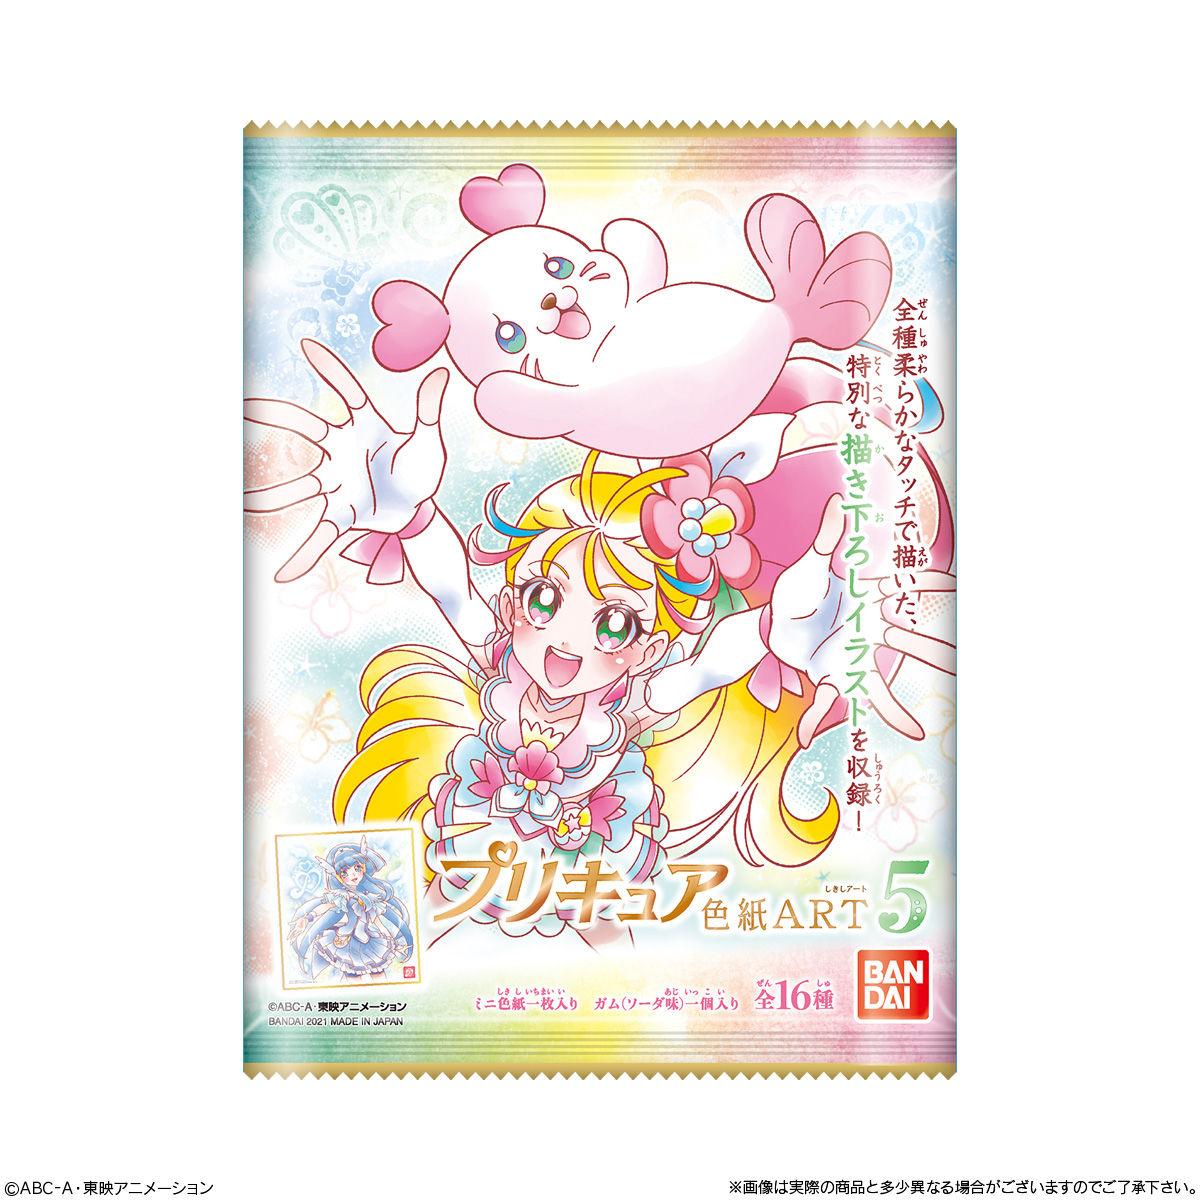 【食玩】プリキュア『プリキュア 色紙ART5』10個入りBOX-007